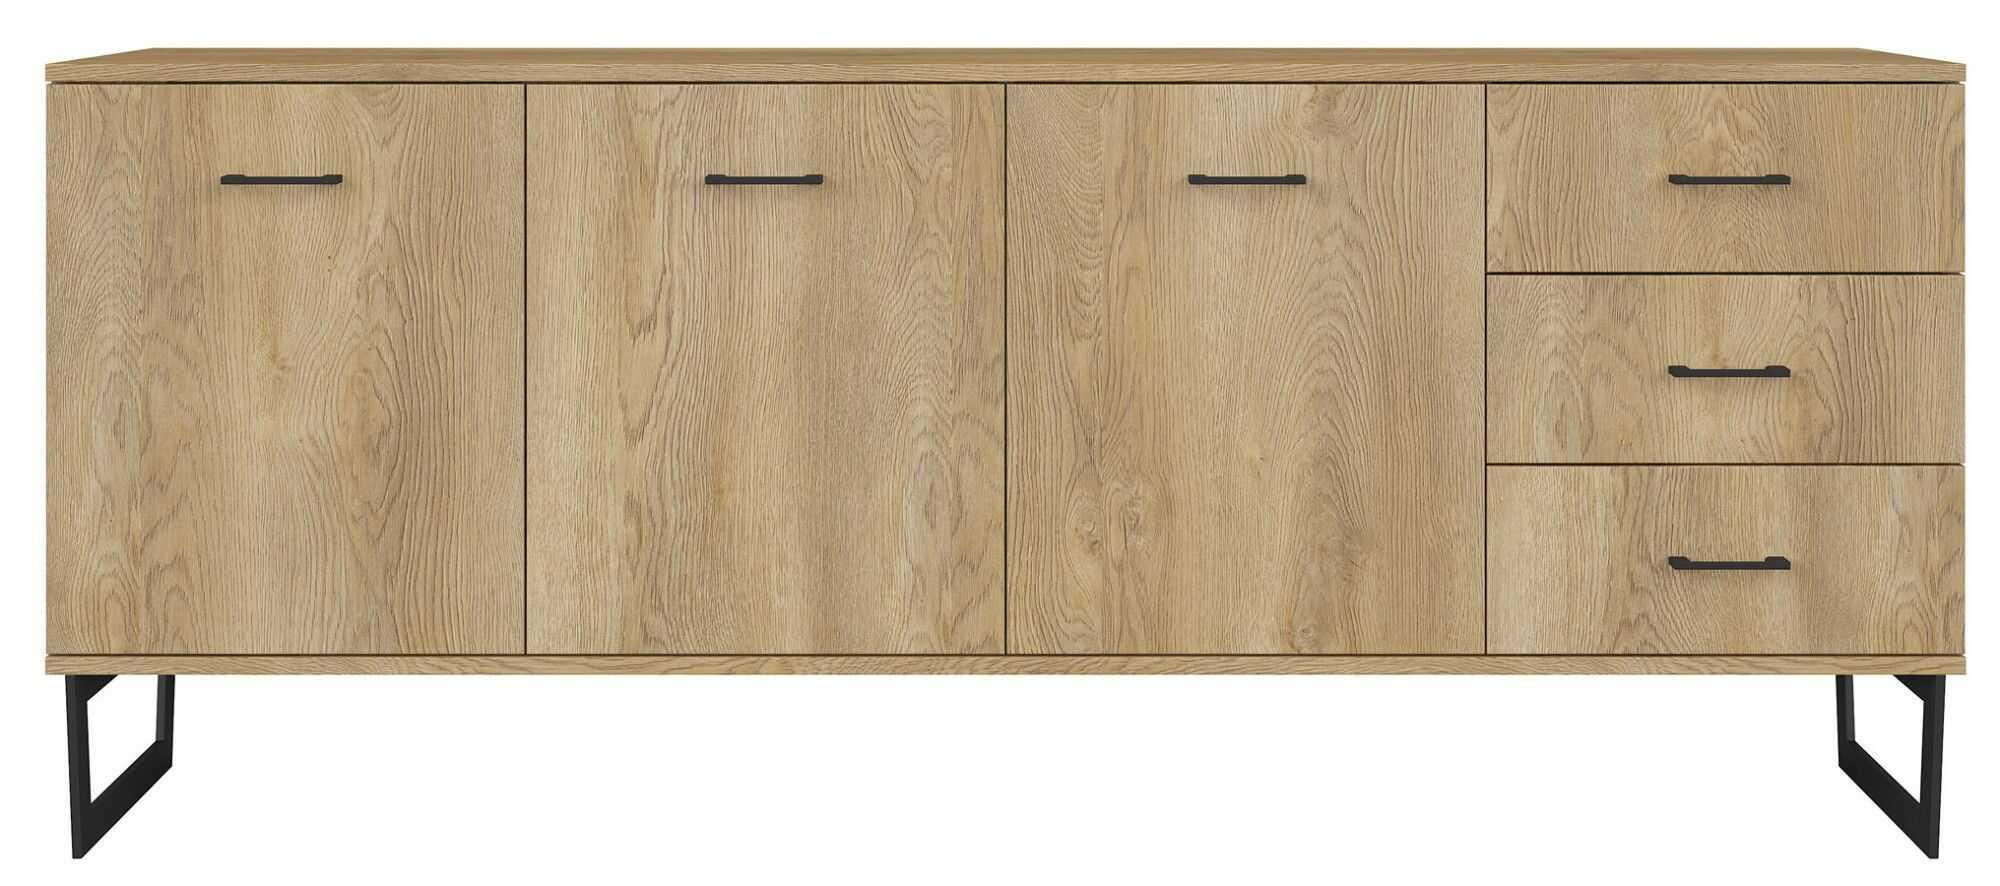 Industrialna komoda z drewna dębowego - Bahama 5X